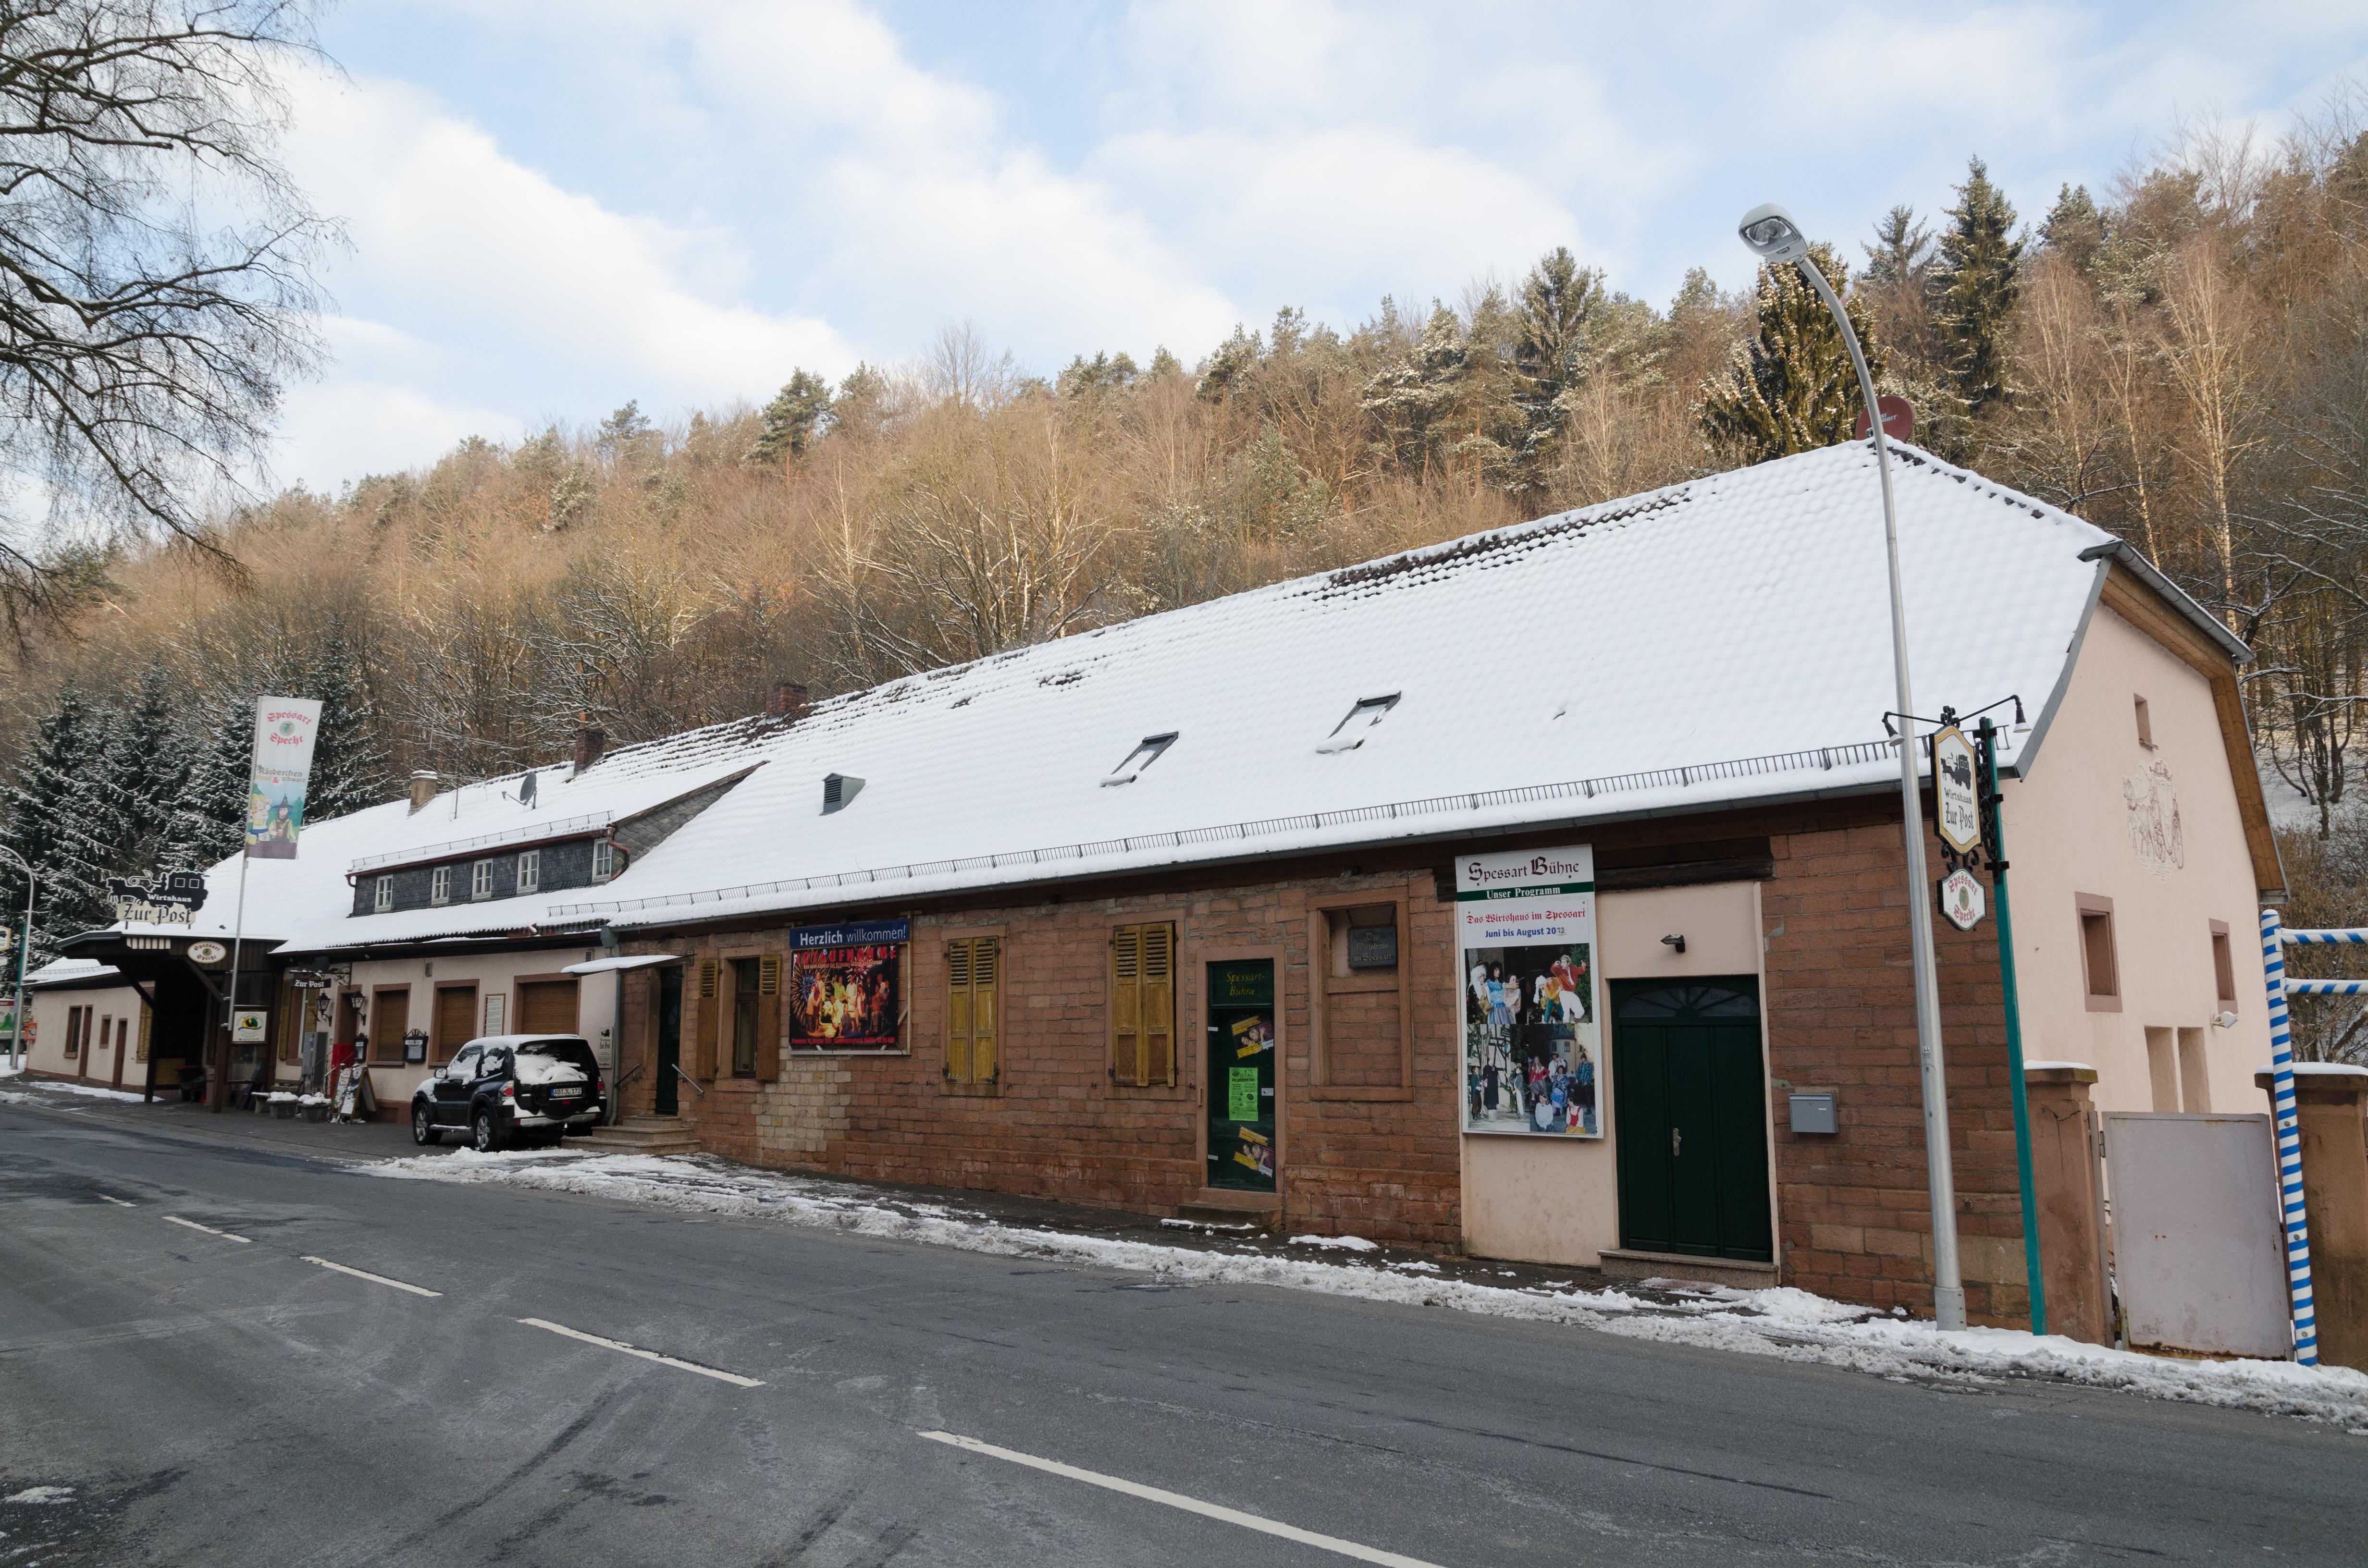 Hotel Und Wirtshaus Post St Johann Tirol Osterreich